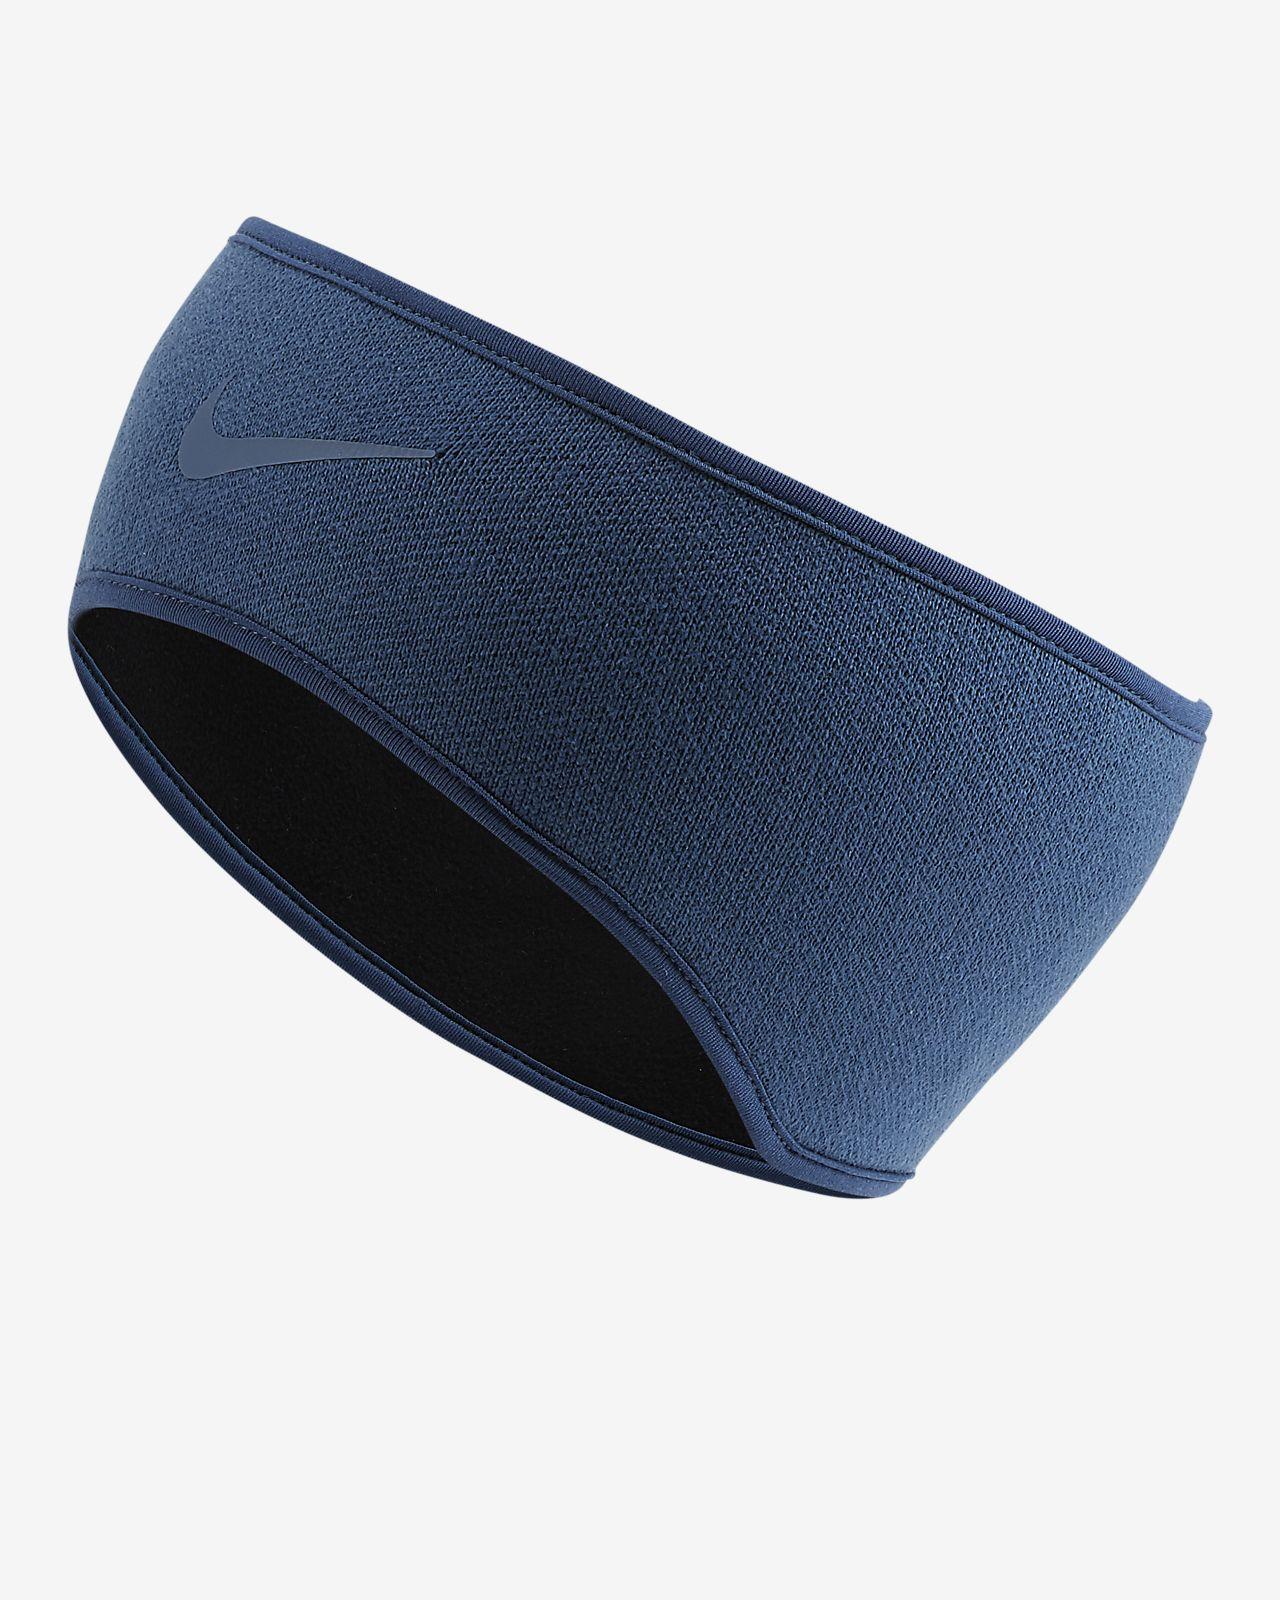 Pletená čelenka Nike